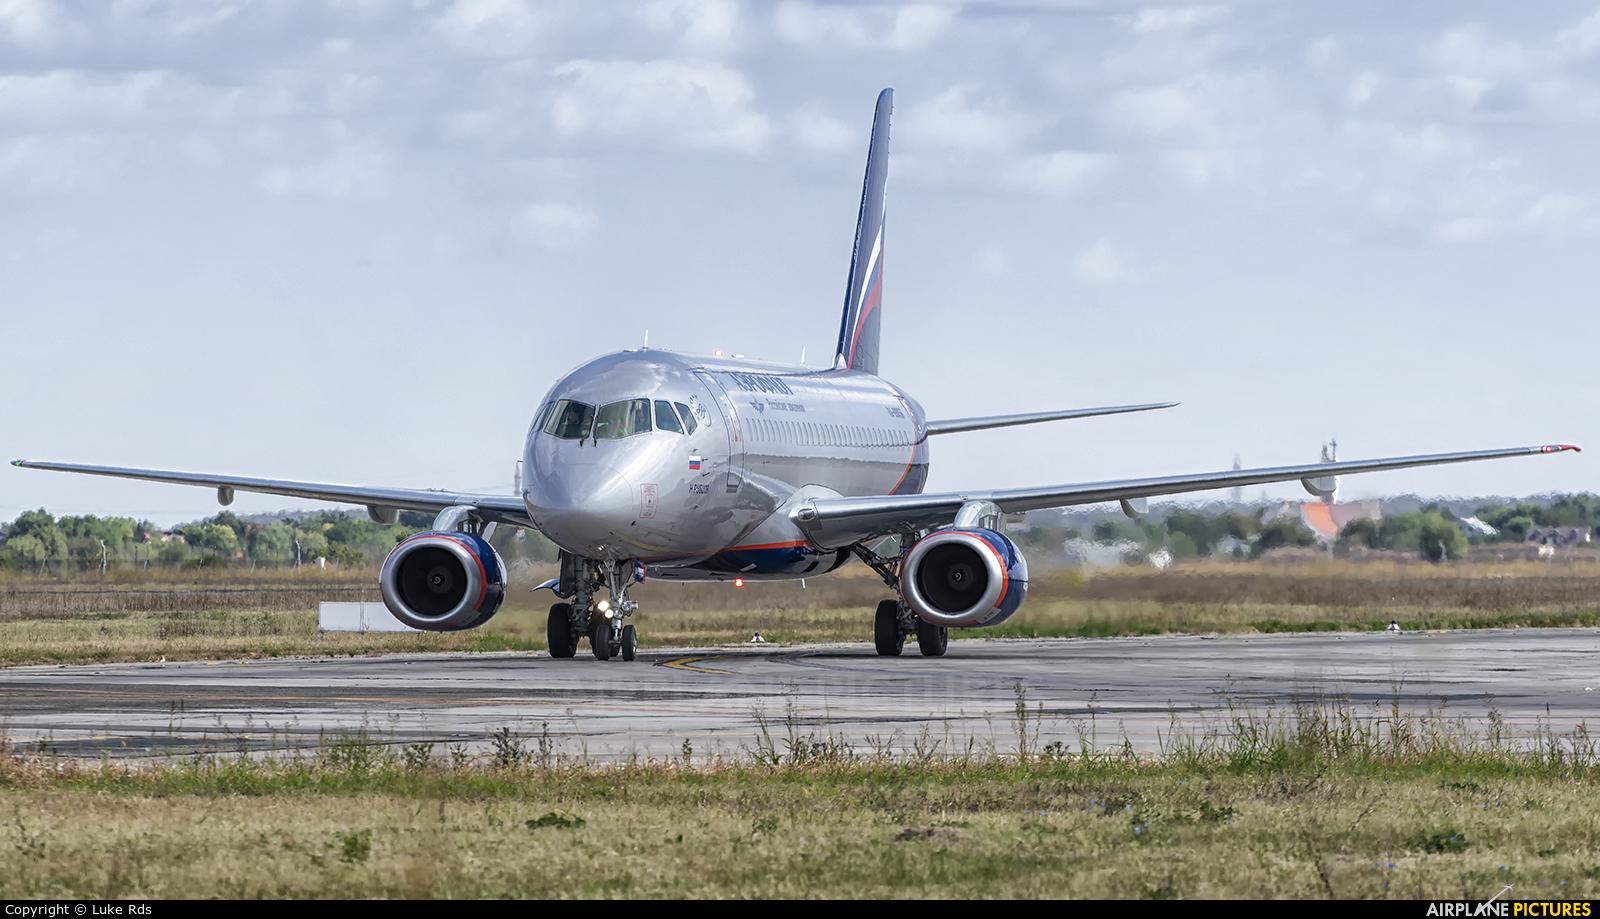 Aeroflot RA-89056 aircraft at Bucharest - Henri Coandă